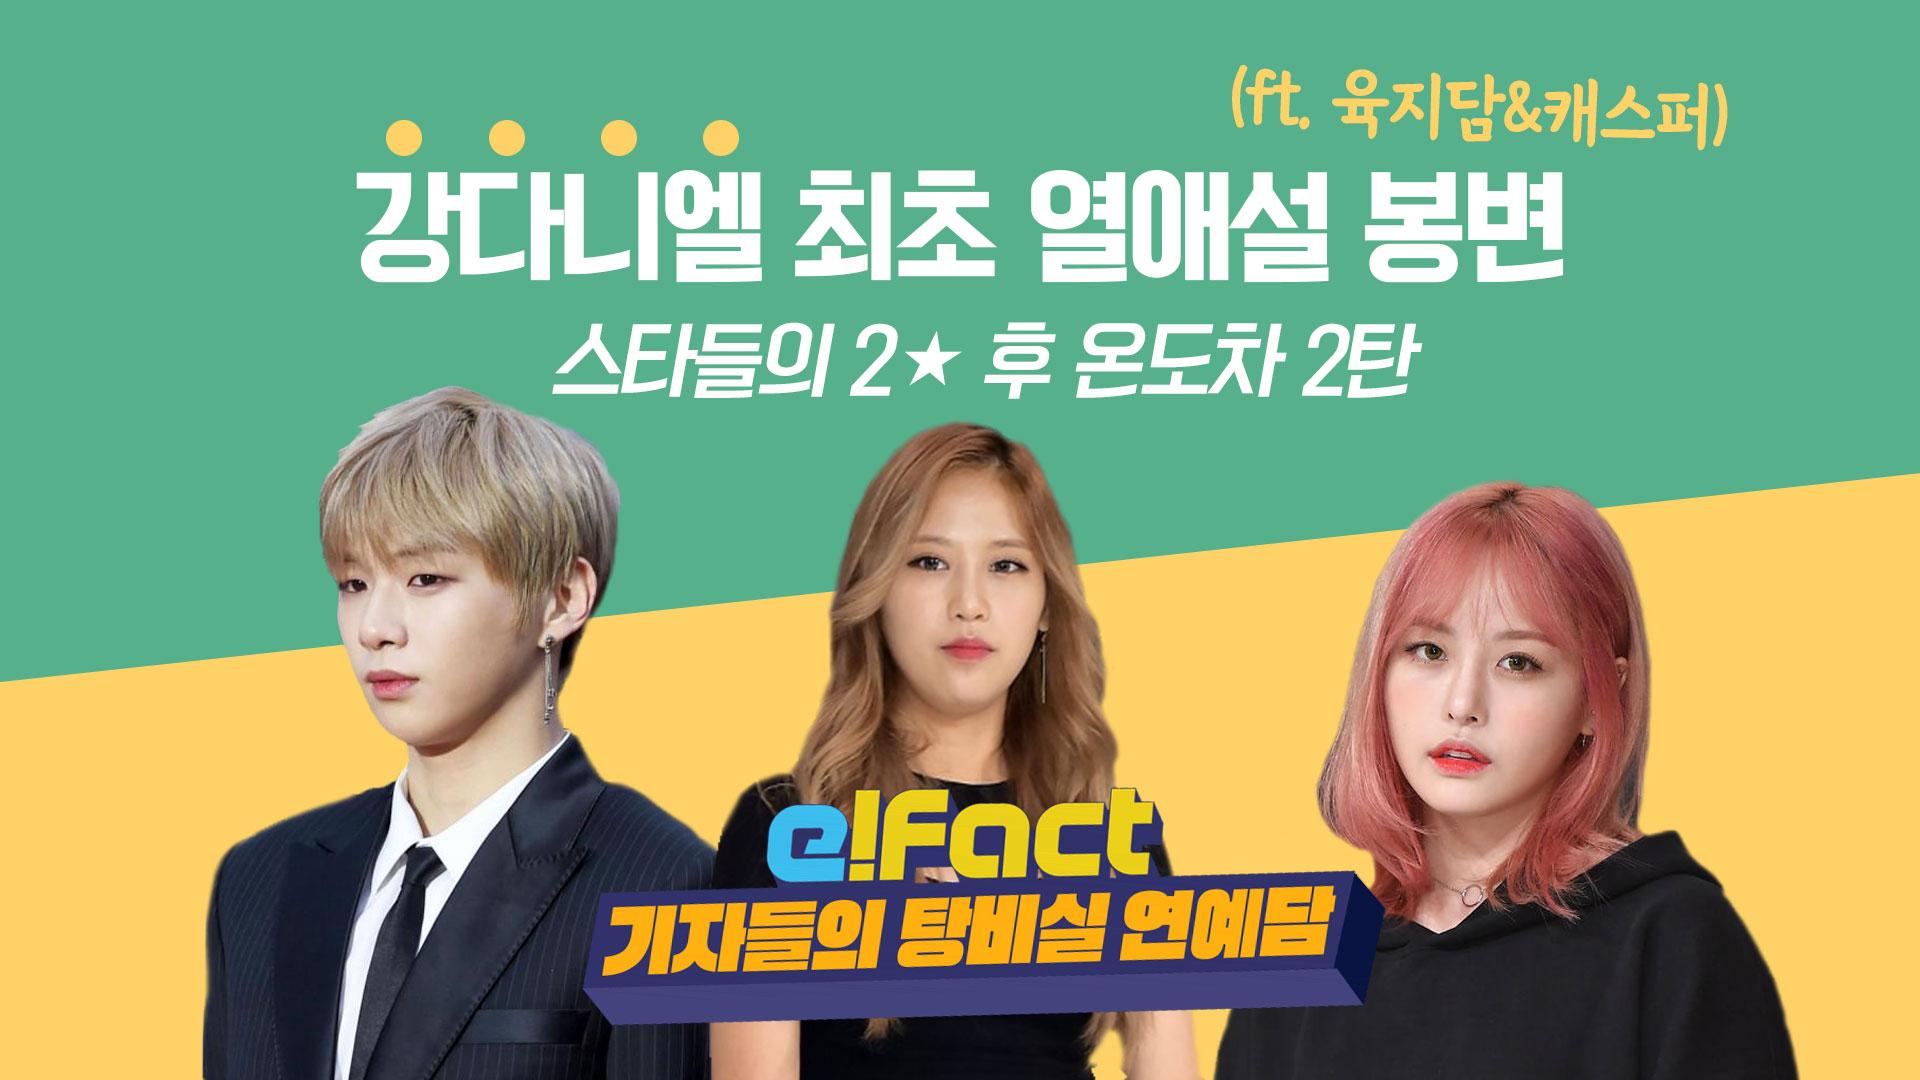 강다니엘의 최초 열애설 봉변(ft.육지담&캐스퍼) 스타들의 2★ 후 온도차 2탄